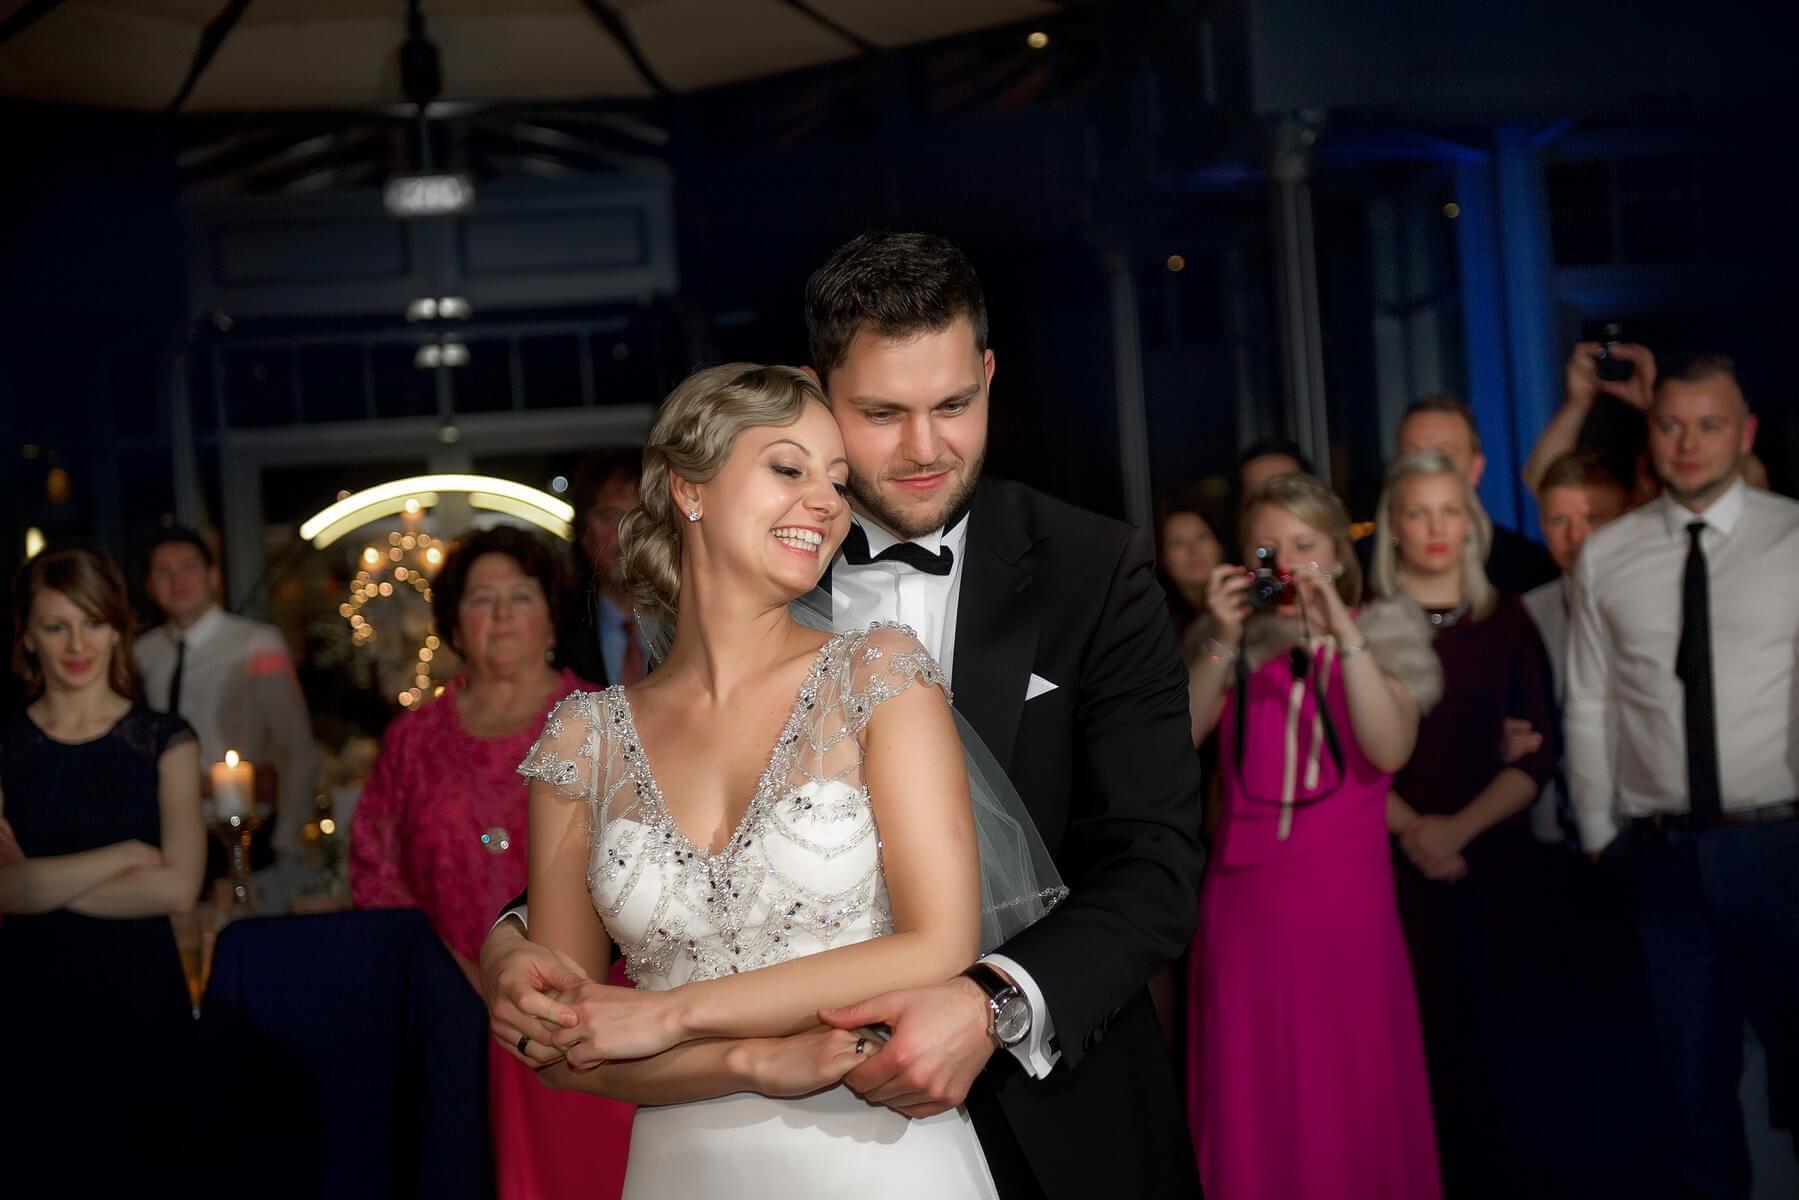 Standesamt Hochzeit Kosten  Preis Fotograf Standesamt Frankfurt am Main